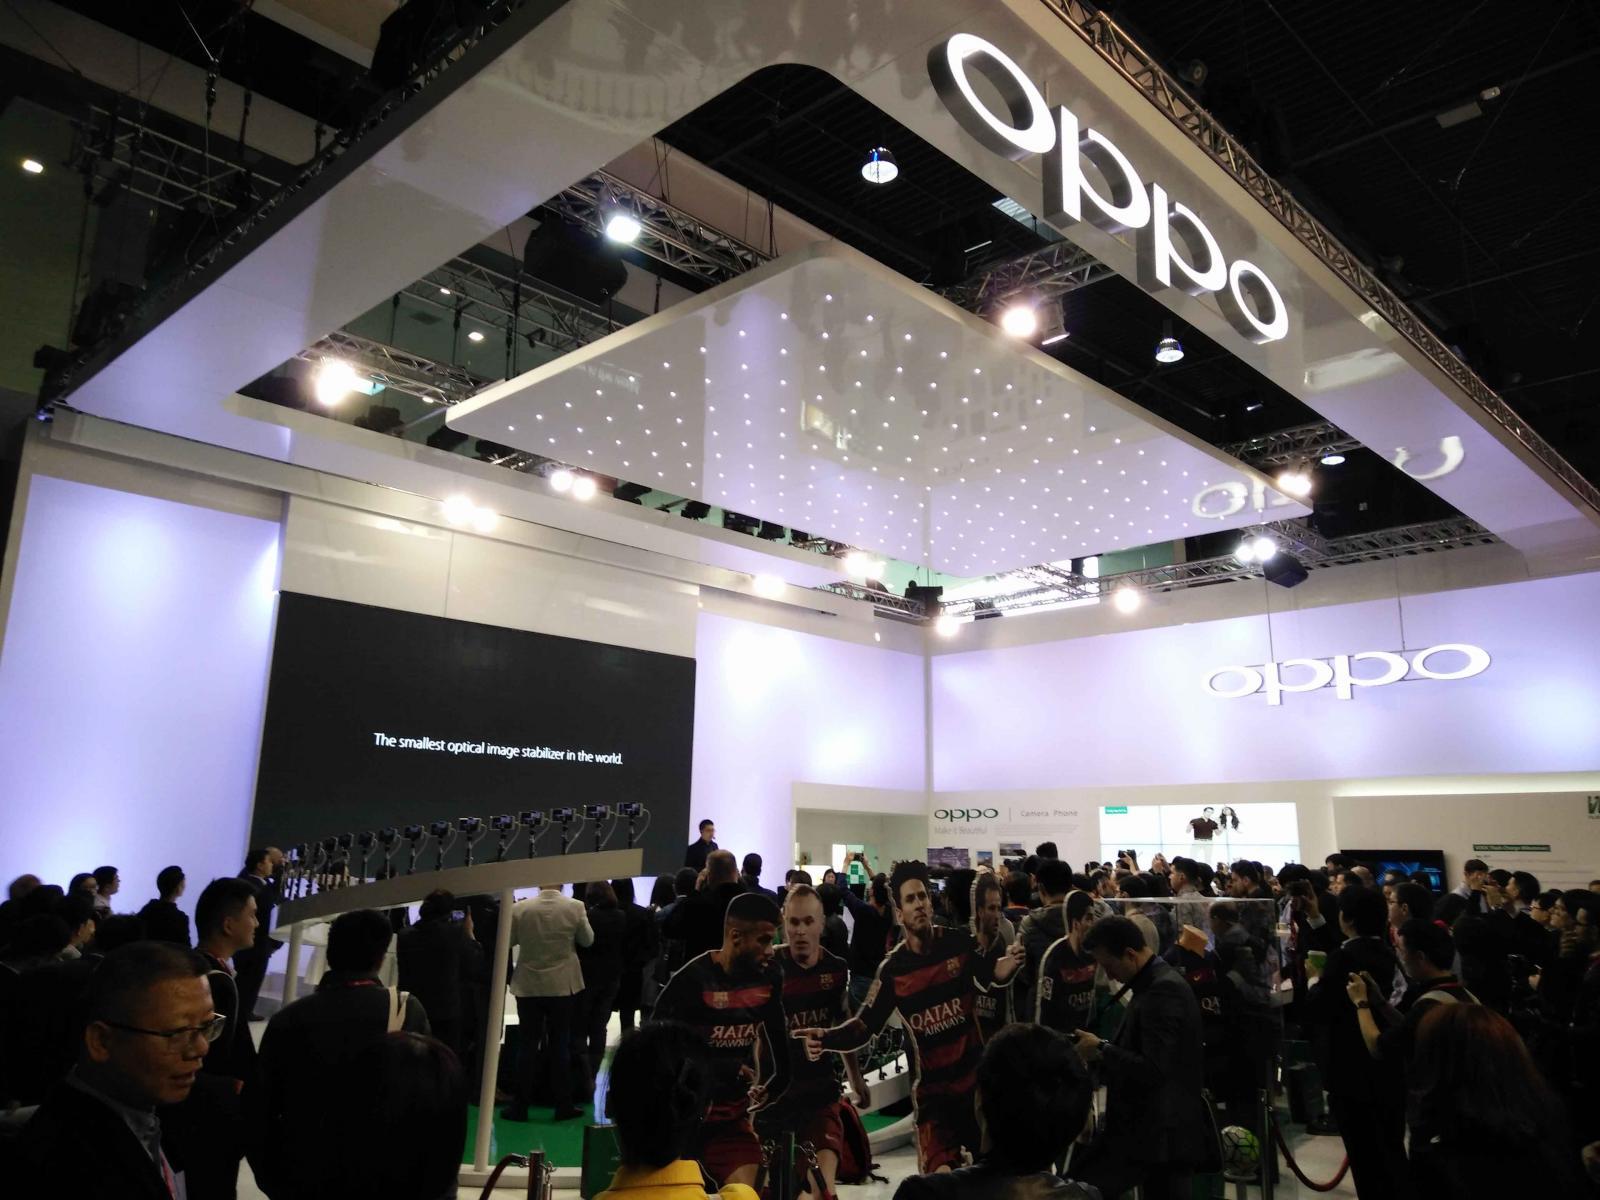 لتعزيز حضورها العالمي. OPPO تعيّن مدراء جدد لوحدات المبيعات والتسويق